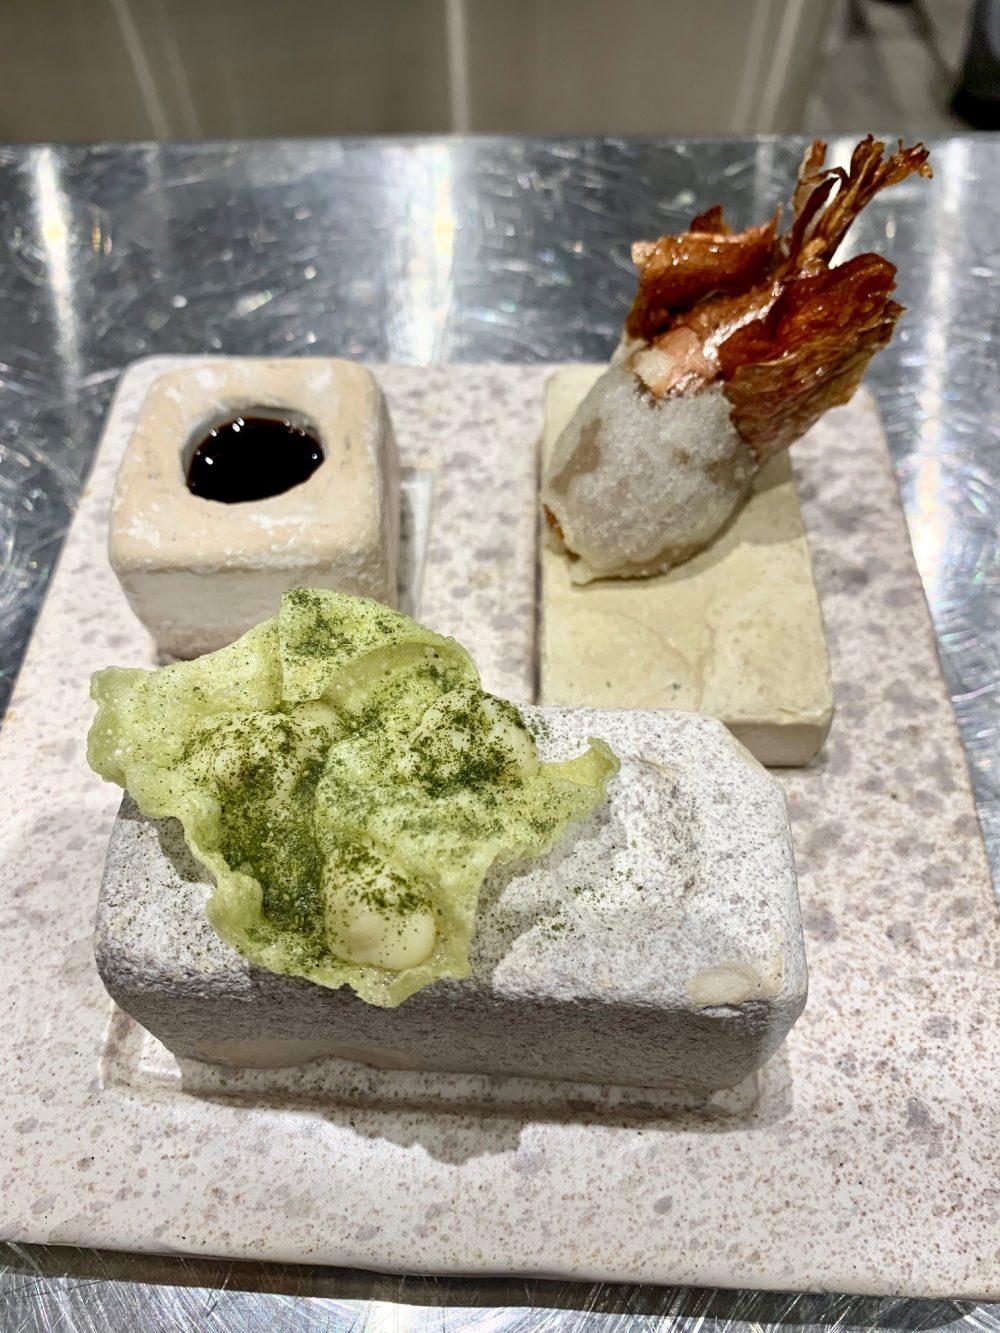 Due Camini - Scalogno cotto nel sale in tempura con vincotto, una chips di cicoria con crema di fave, oliva fritta con uva e un tartufino fatto di ricotta